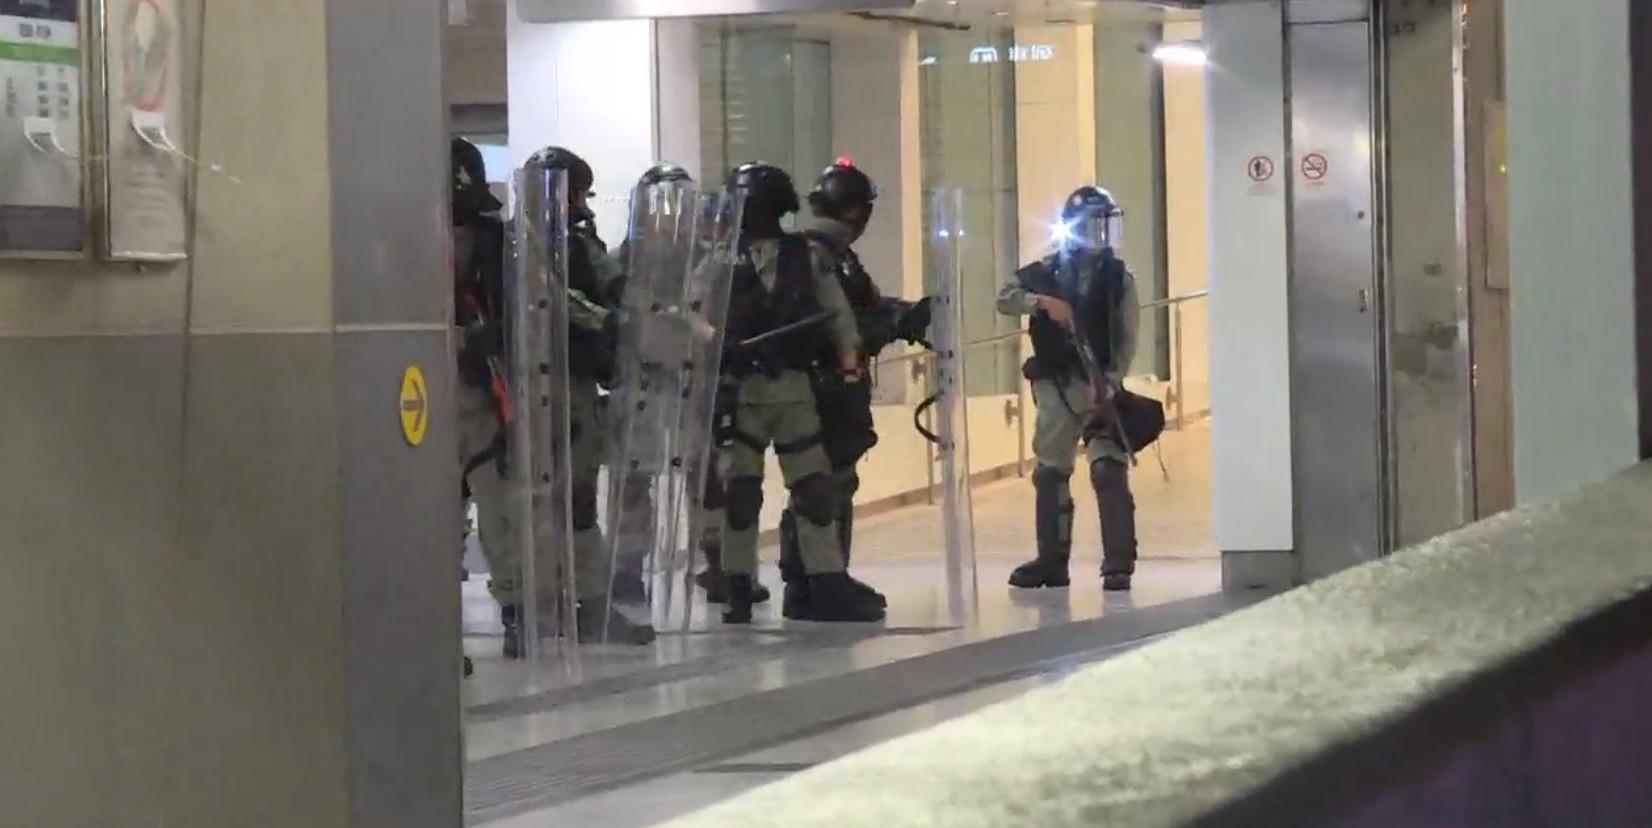 觀塘站防暴警察駐守。NOW新聞截圖